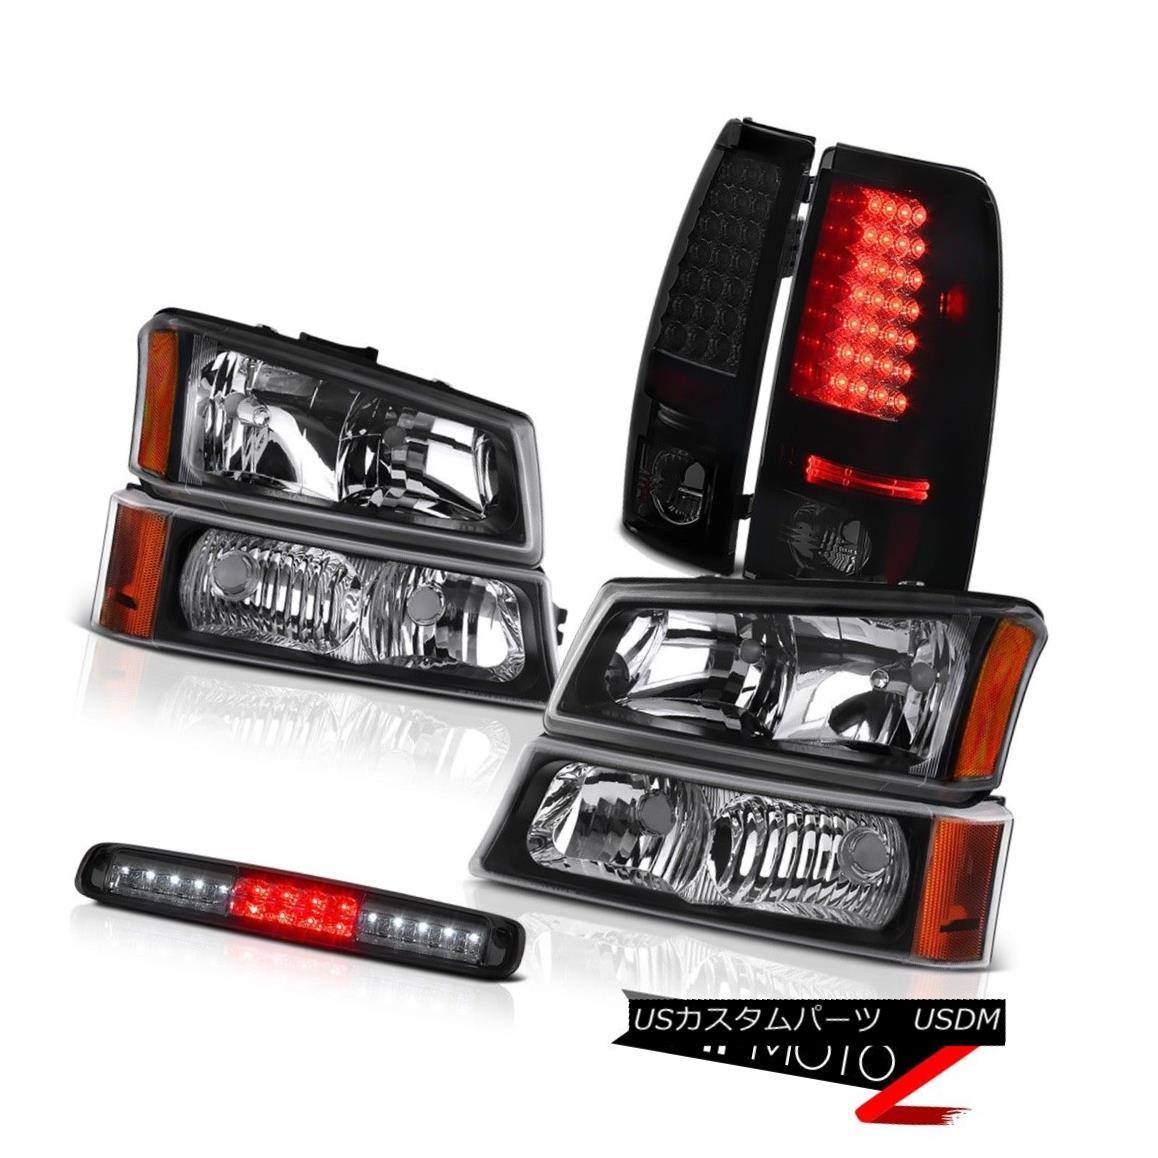 テールライト 03-06 Silverado Raven Black Headlamps Roof Cab Lamp Taillights SMD Replacement 03-06 Silverado Raven Blackヘッドランプ屋根キャブランプ灯台SMD交換